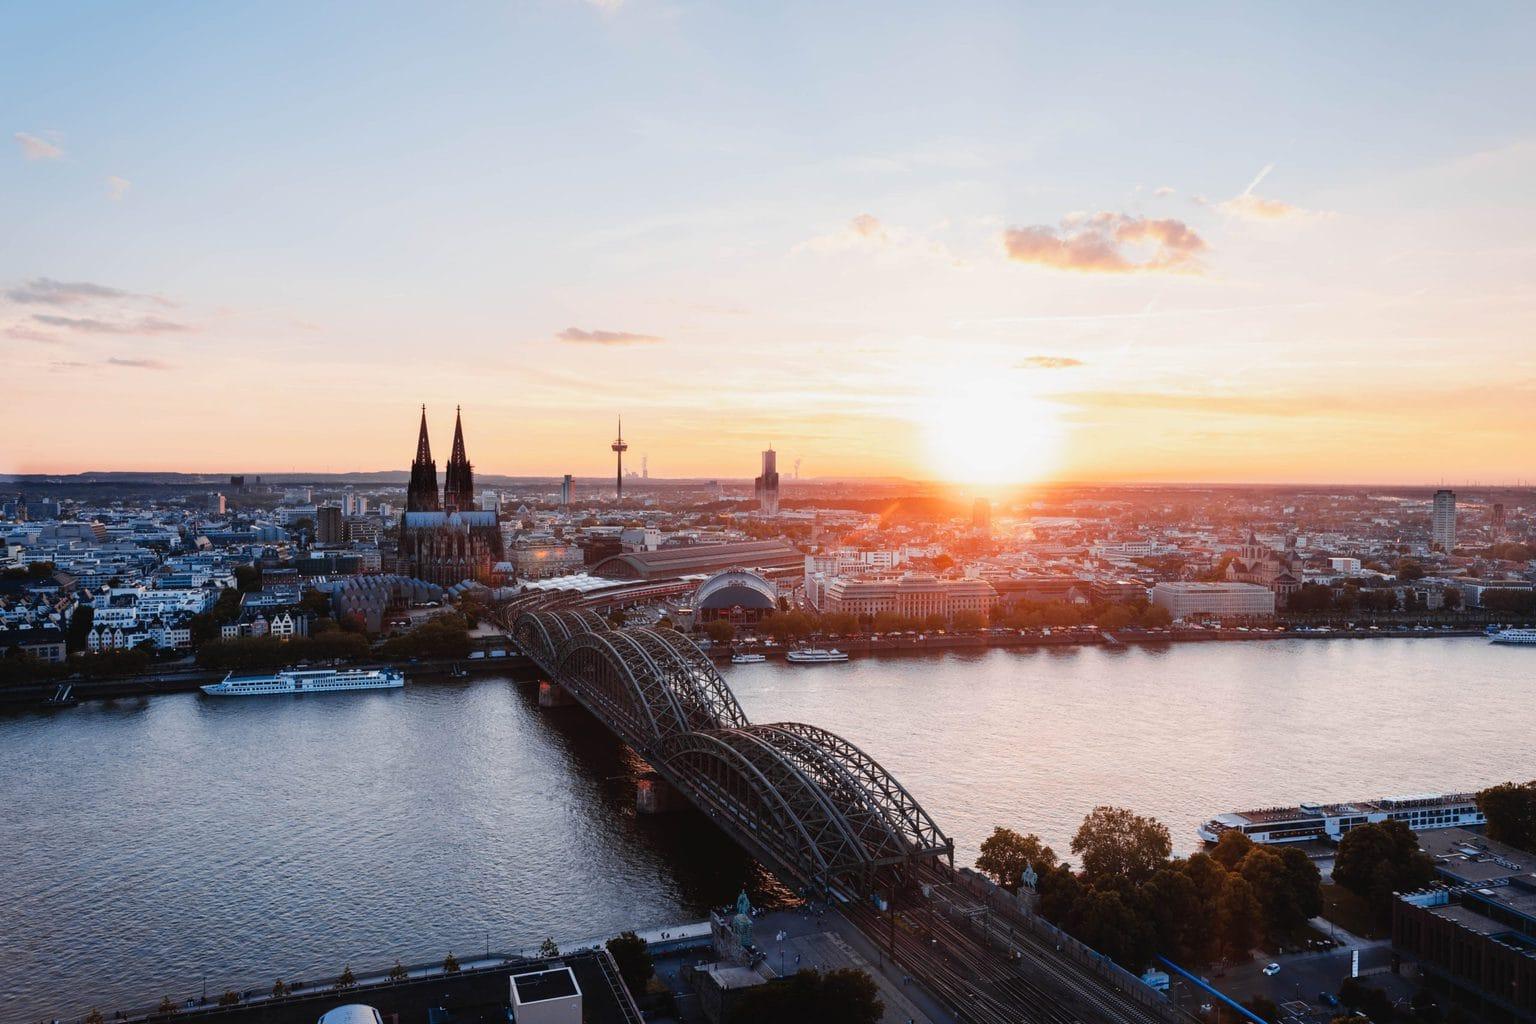 De Dom van Keulen met de skyline en de Rijn is een van de 15 populairste bezienswaardigheden van Duitsland